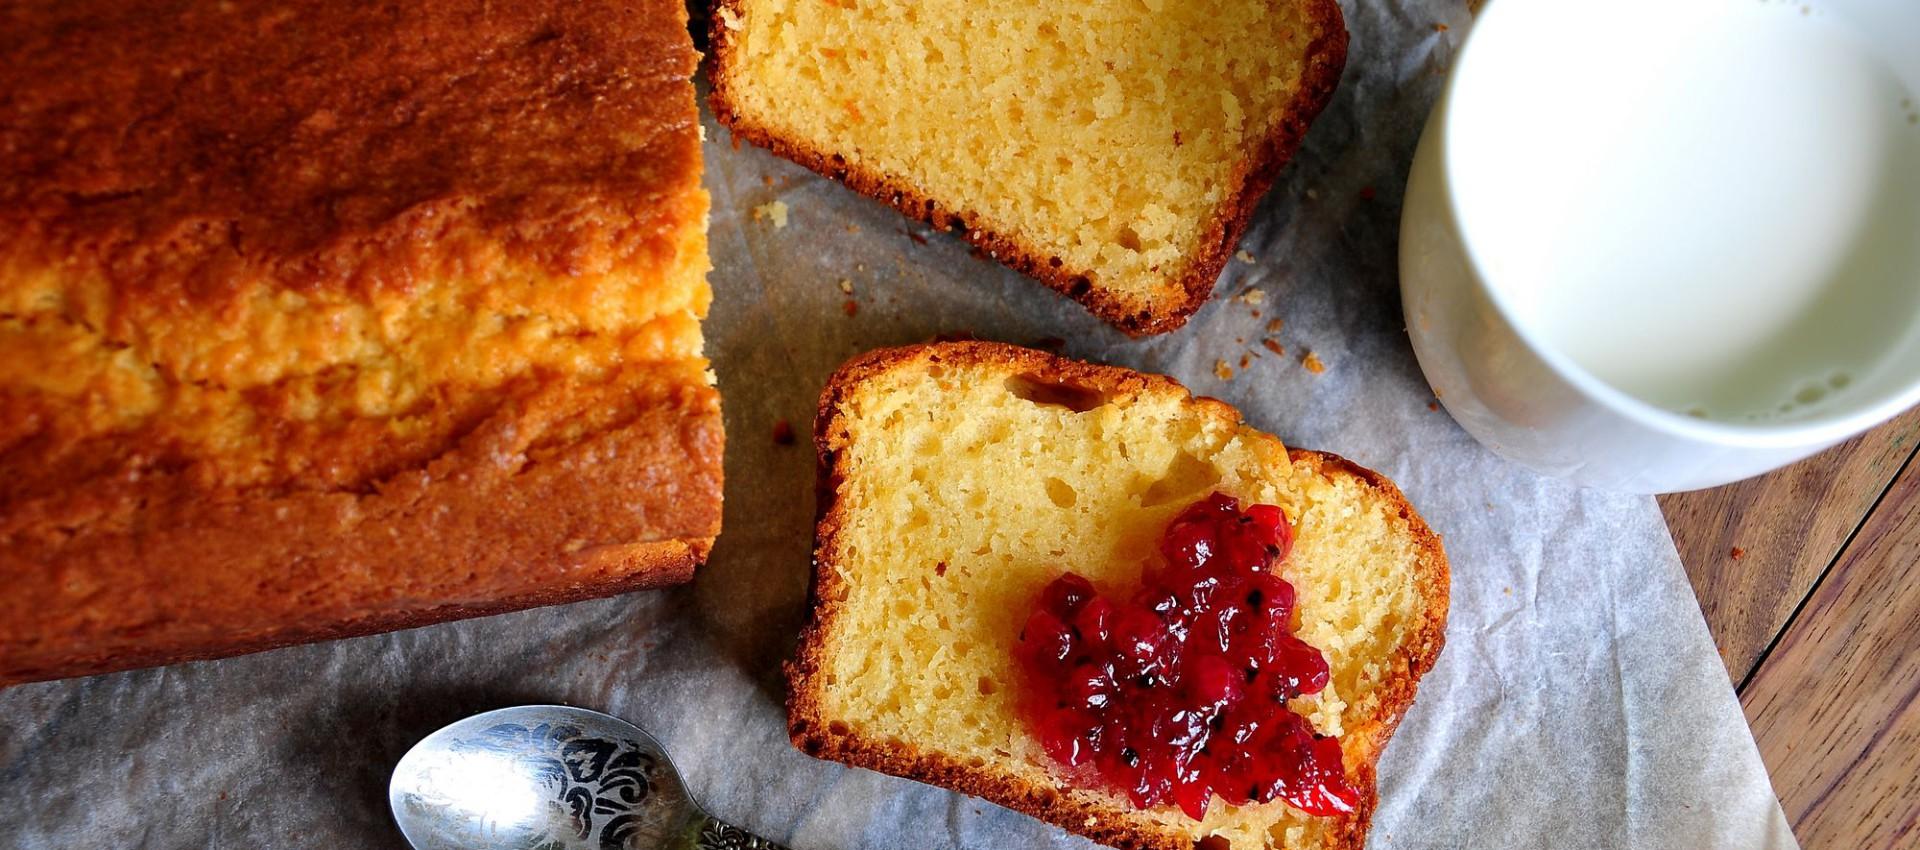 нарисовать корону кекс в хлебопечке рецепт с фото нам выбирайте изделия